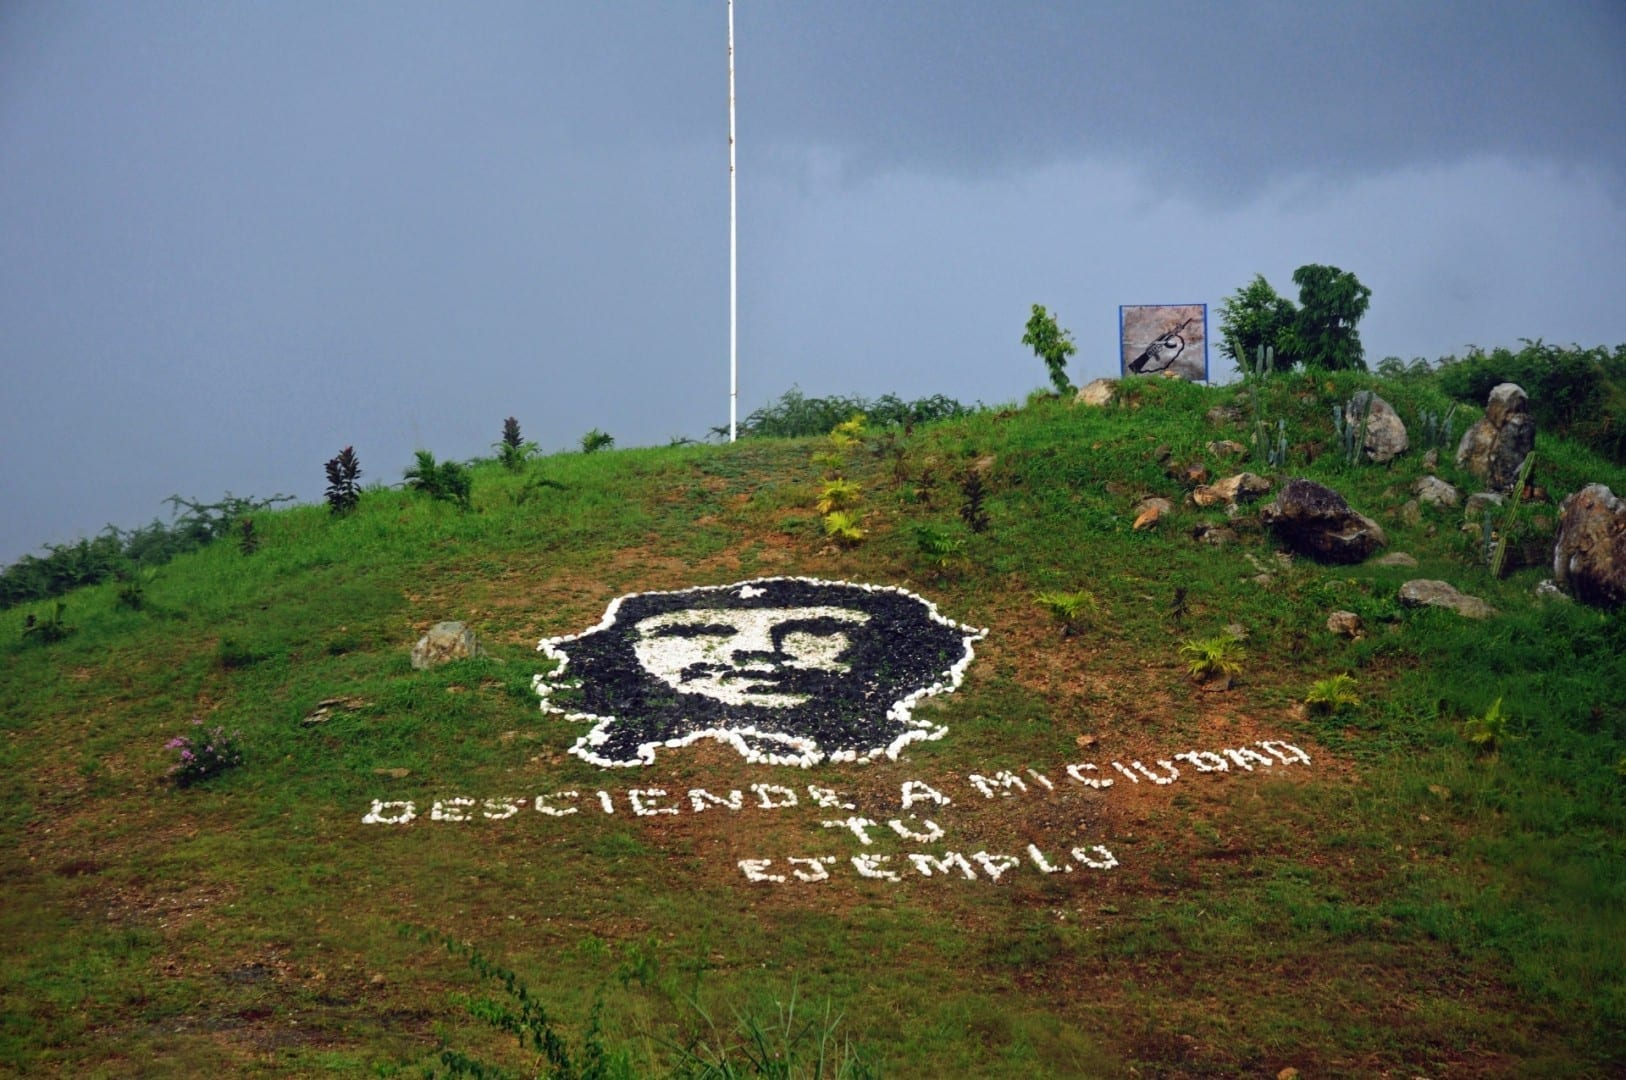 Imagen del Che Guevara en una colina Santa Clara Cuba